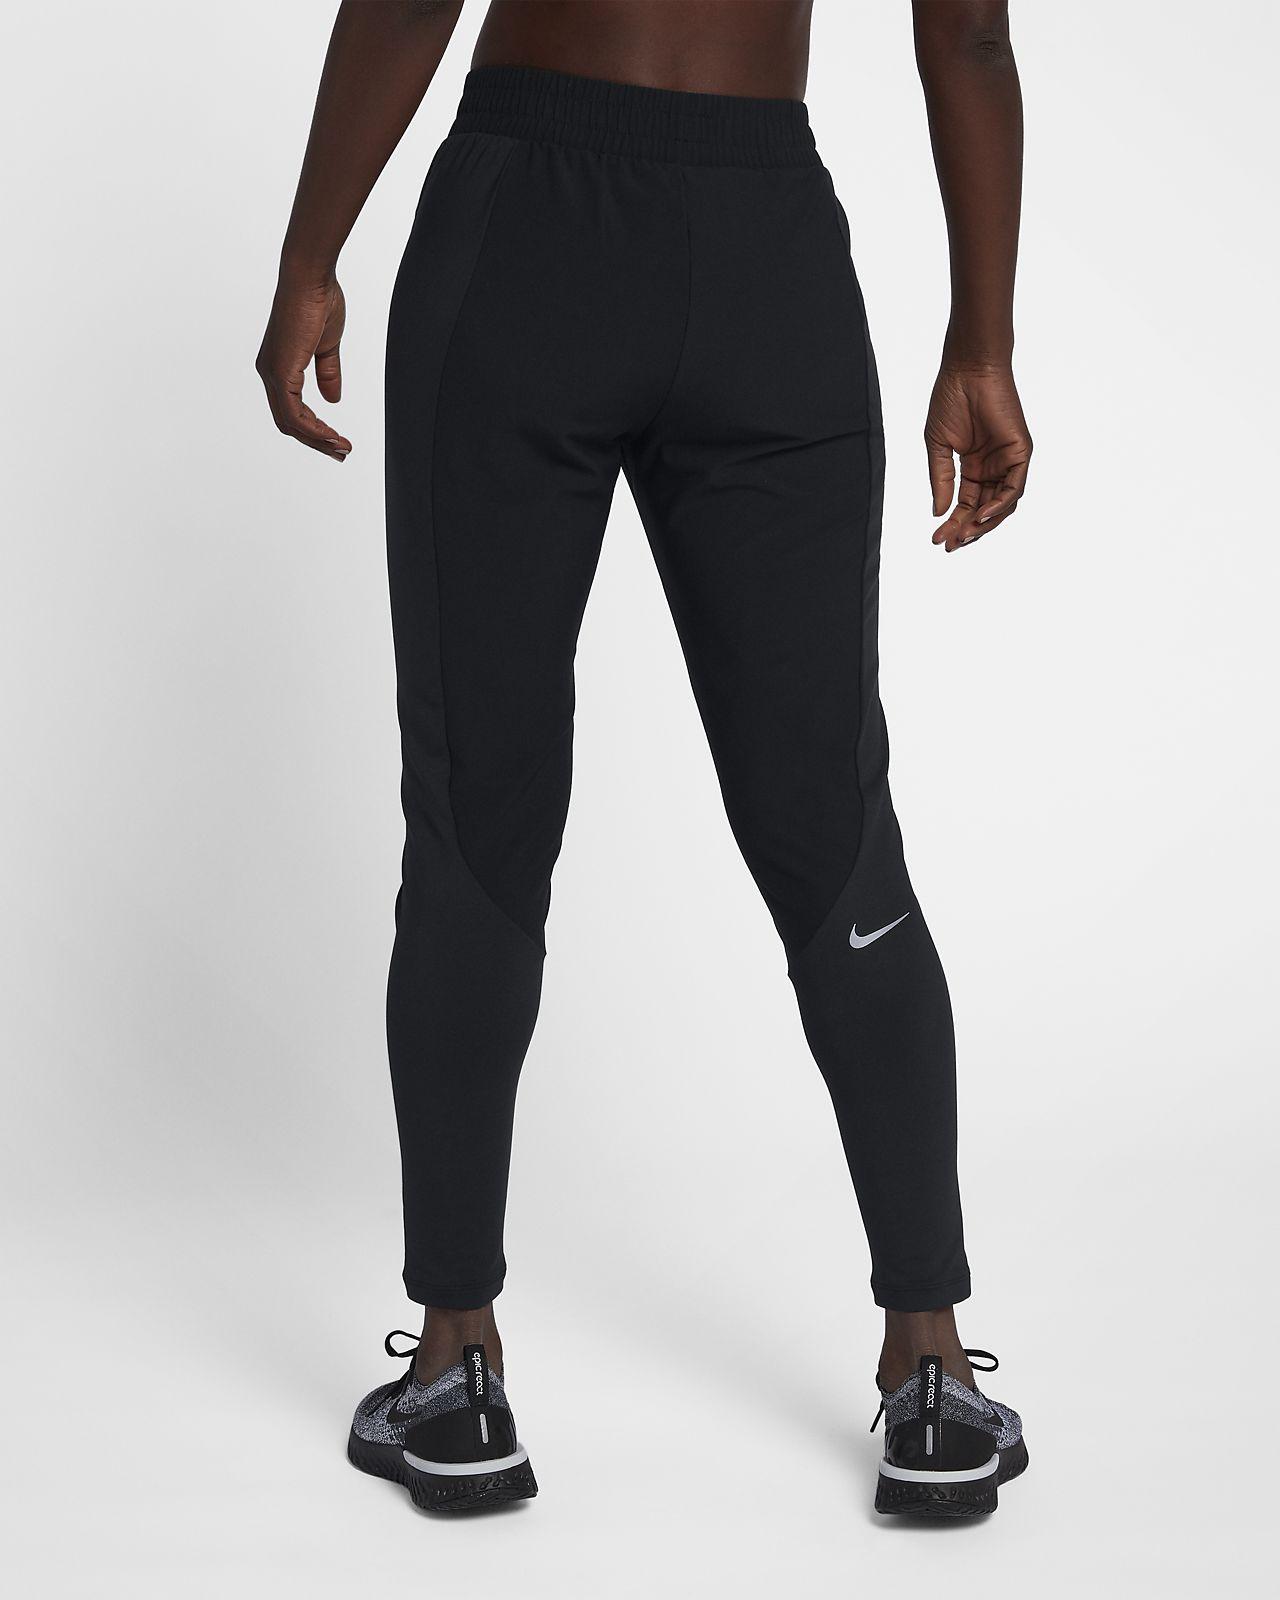 e2605d7a6555 Low Resolution Nike Swift Winterized Women s Running Trousers Nike Swift  Winterized Women s Running Trousers